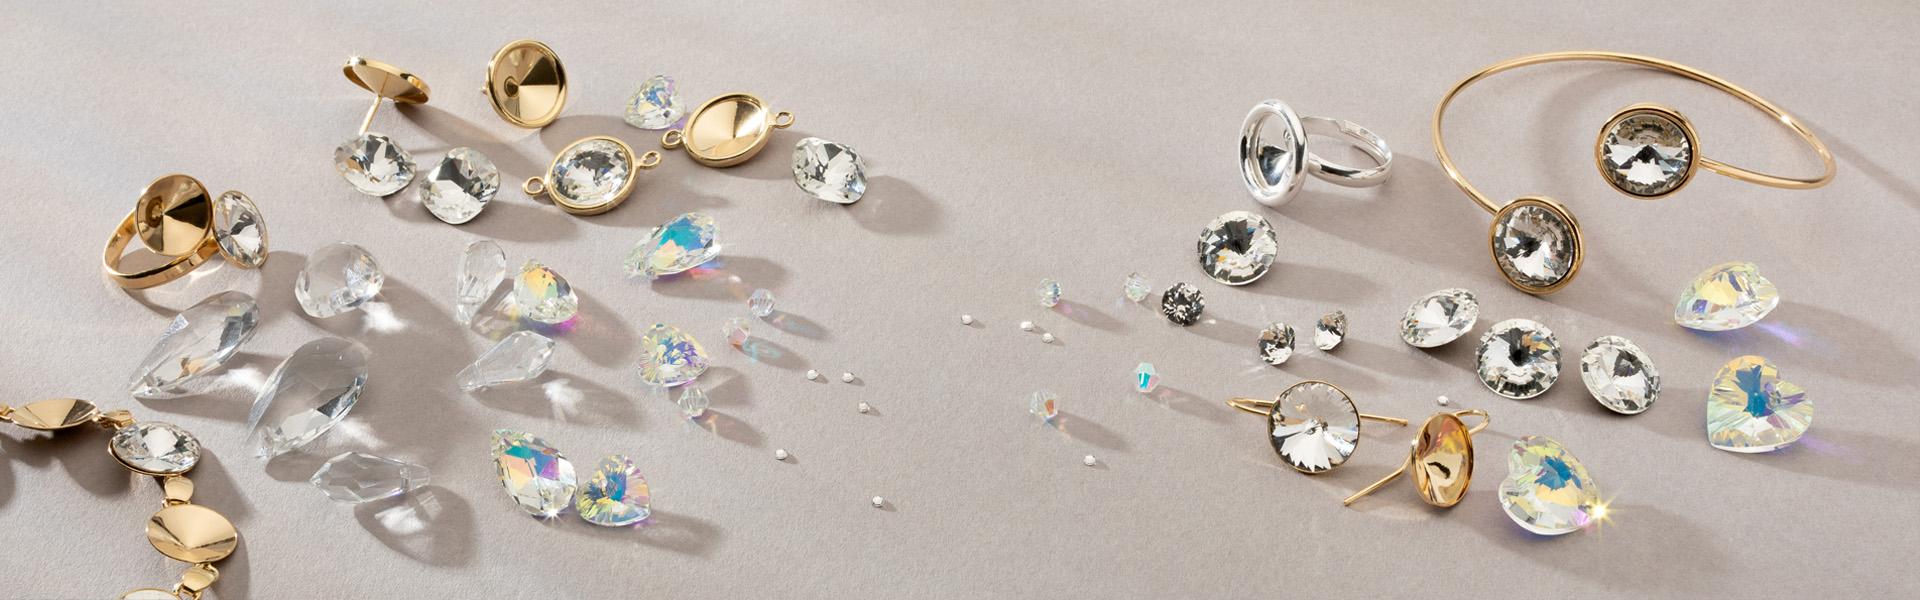 kryształki do biżuterii